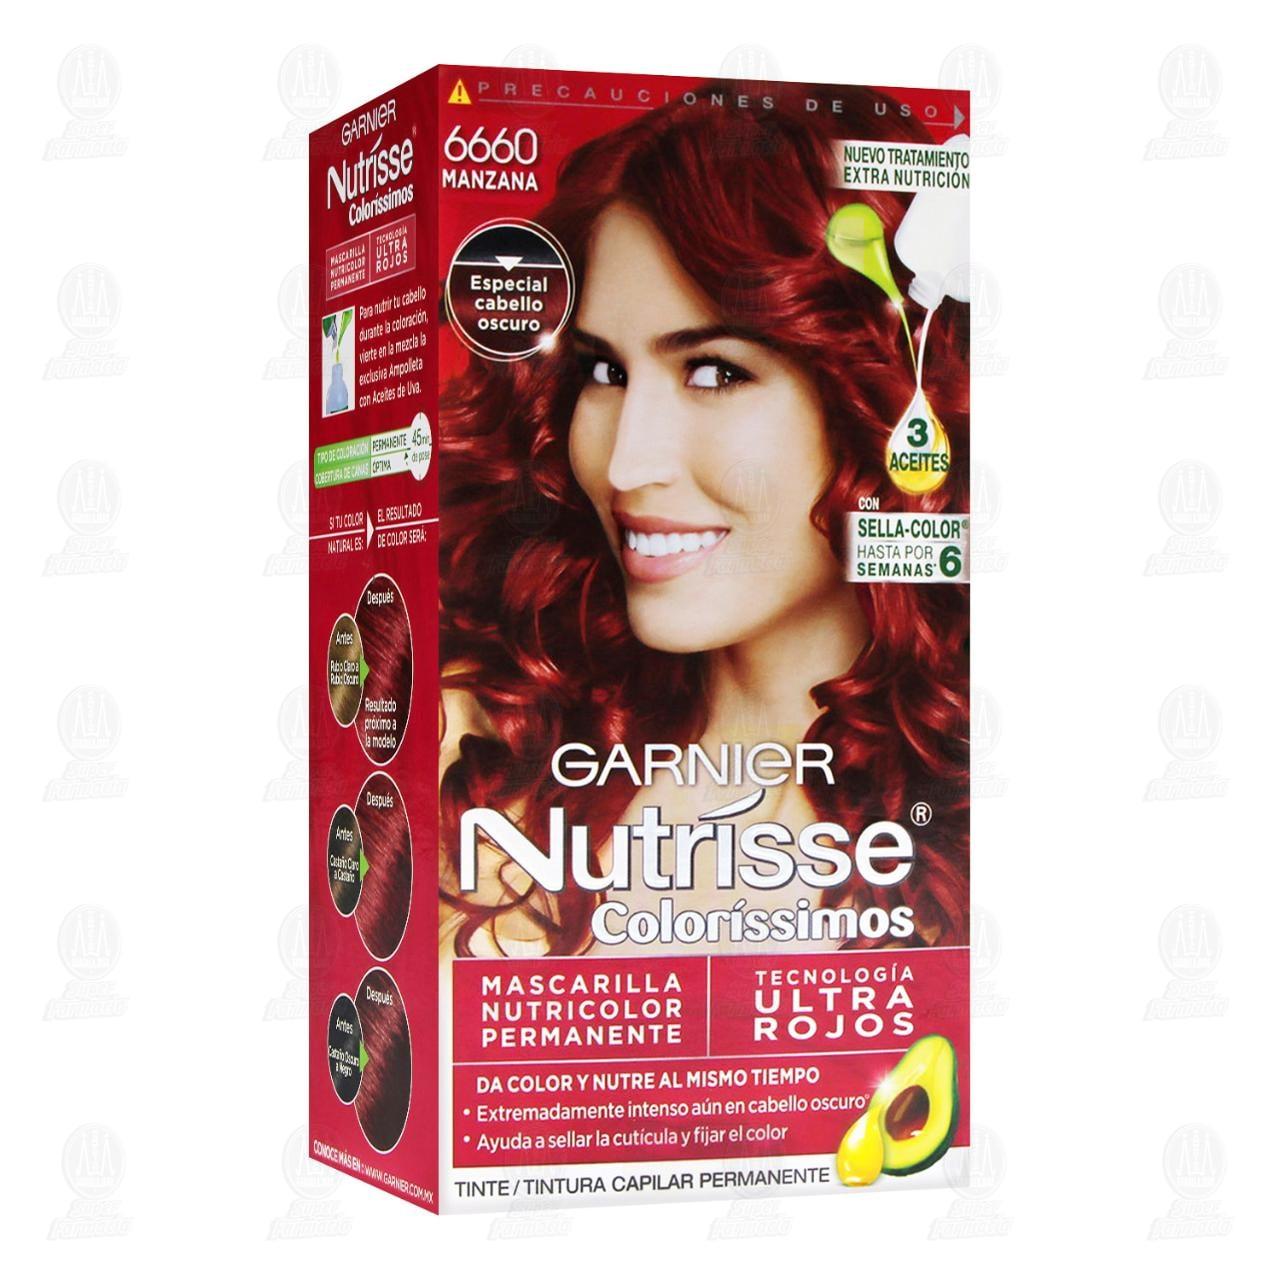 comprar https://www.movil.farmaciasguadalajara.com/wcsstore/FGCAS/wcs/products/1092120_A_1280_AL.jpg en farmacias guadalajara